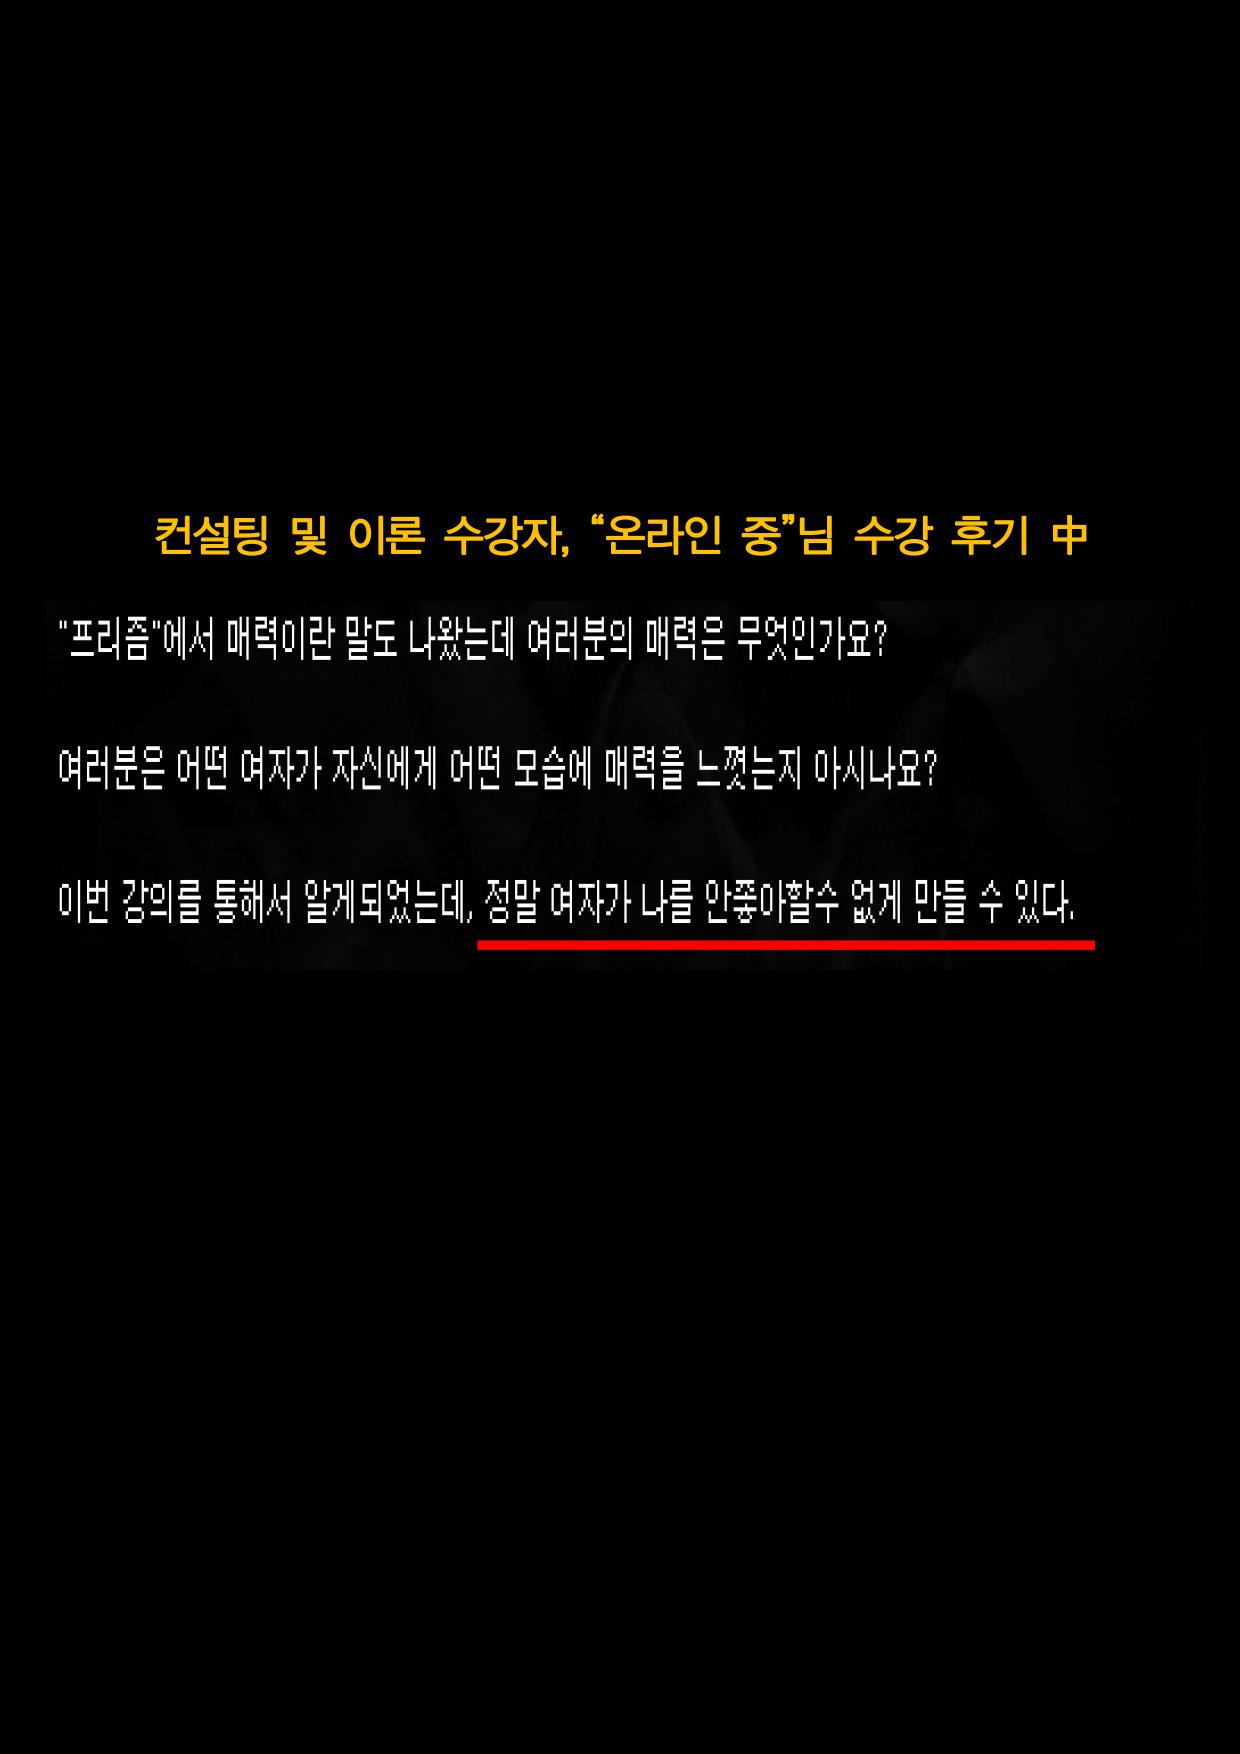 본 머티리어 1회차 홍보글(폰트 포함)_34.png